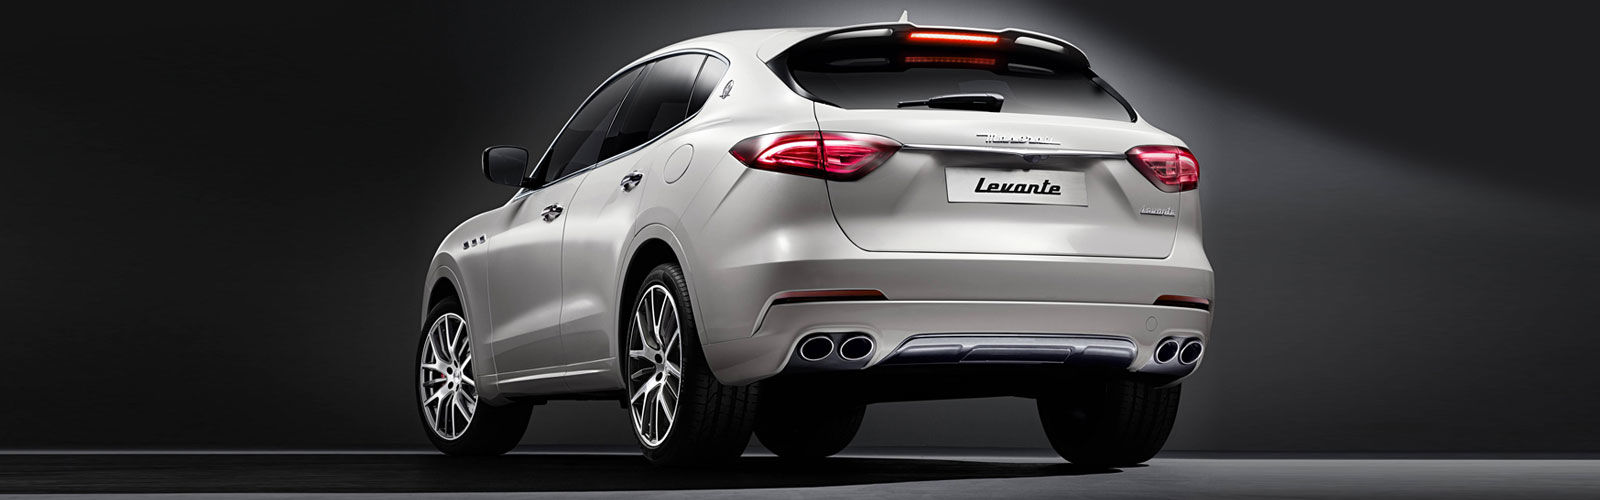 Maserati levante release date in Melbourne